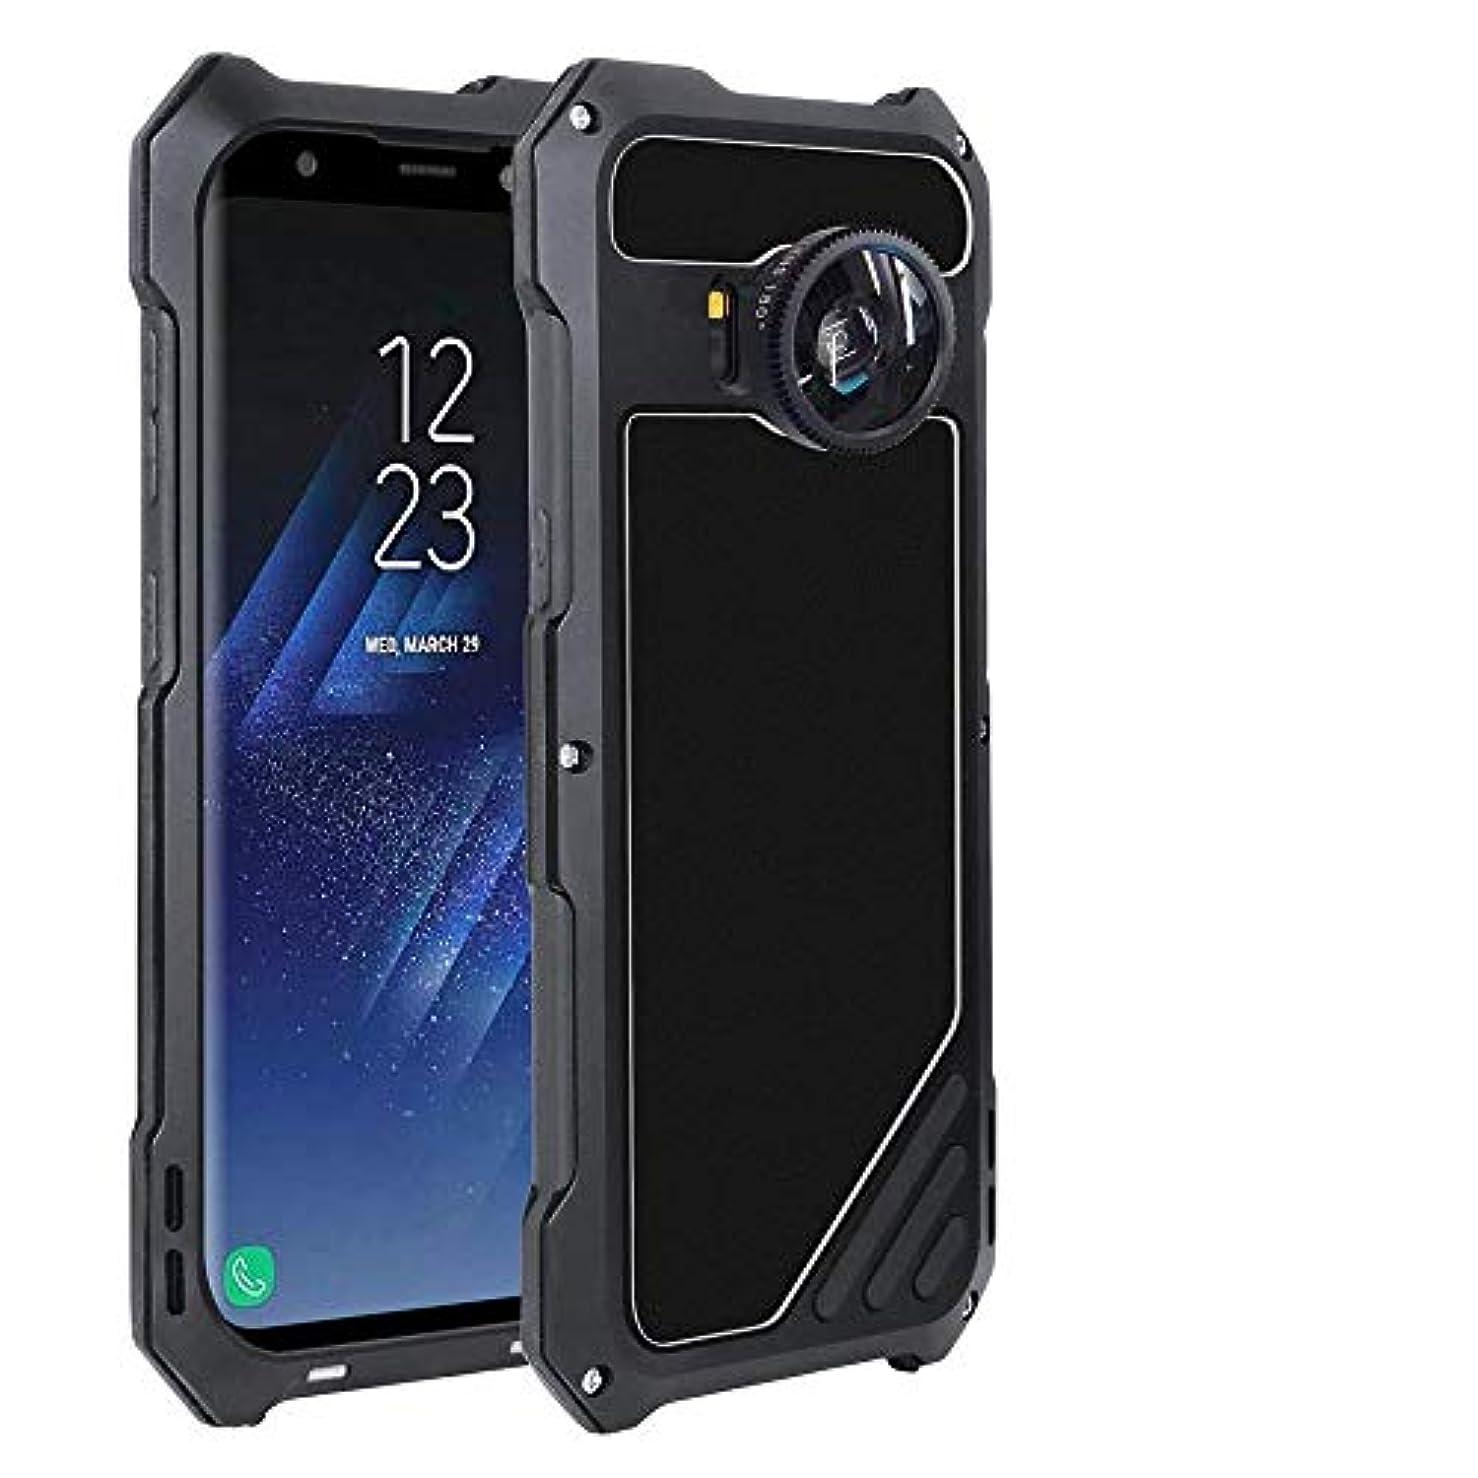 レガシー聞くリーダーシップTonglilili 携帯電話、サムスンS7、S7エッジ、S8、S8プラス、S9、S9プラスのためのレンズメタルケースアンチフォールオールインクルーシブガラスケース電話ケース (Color : 黒, Edition : S7)